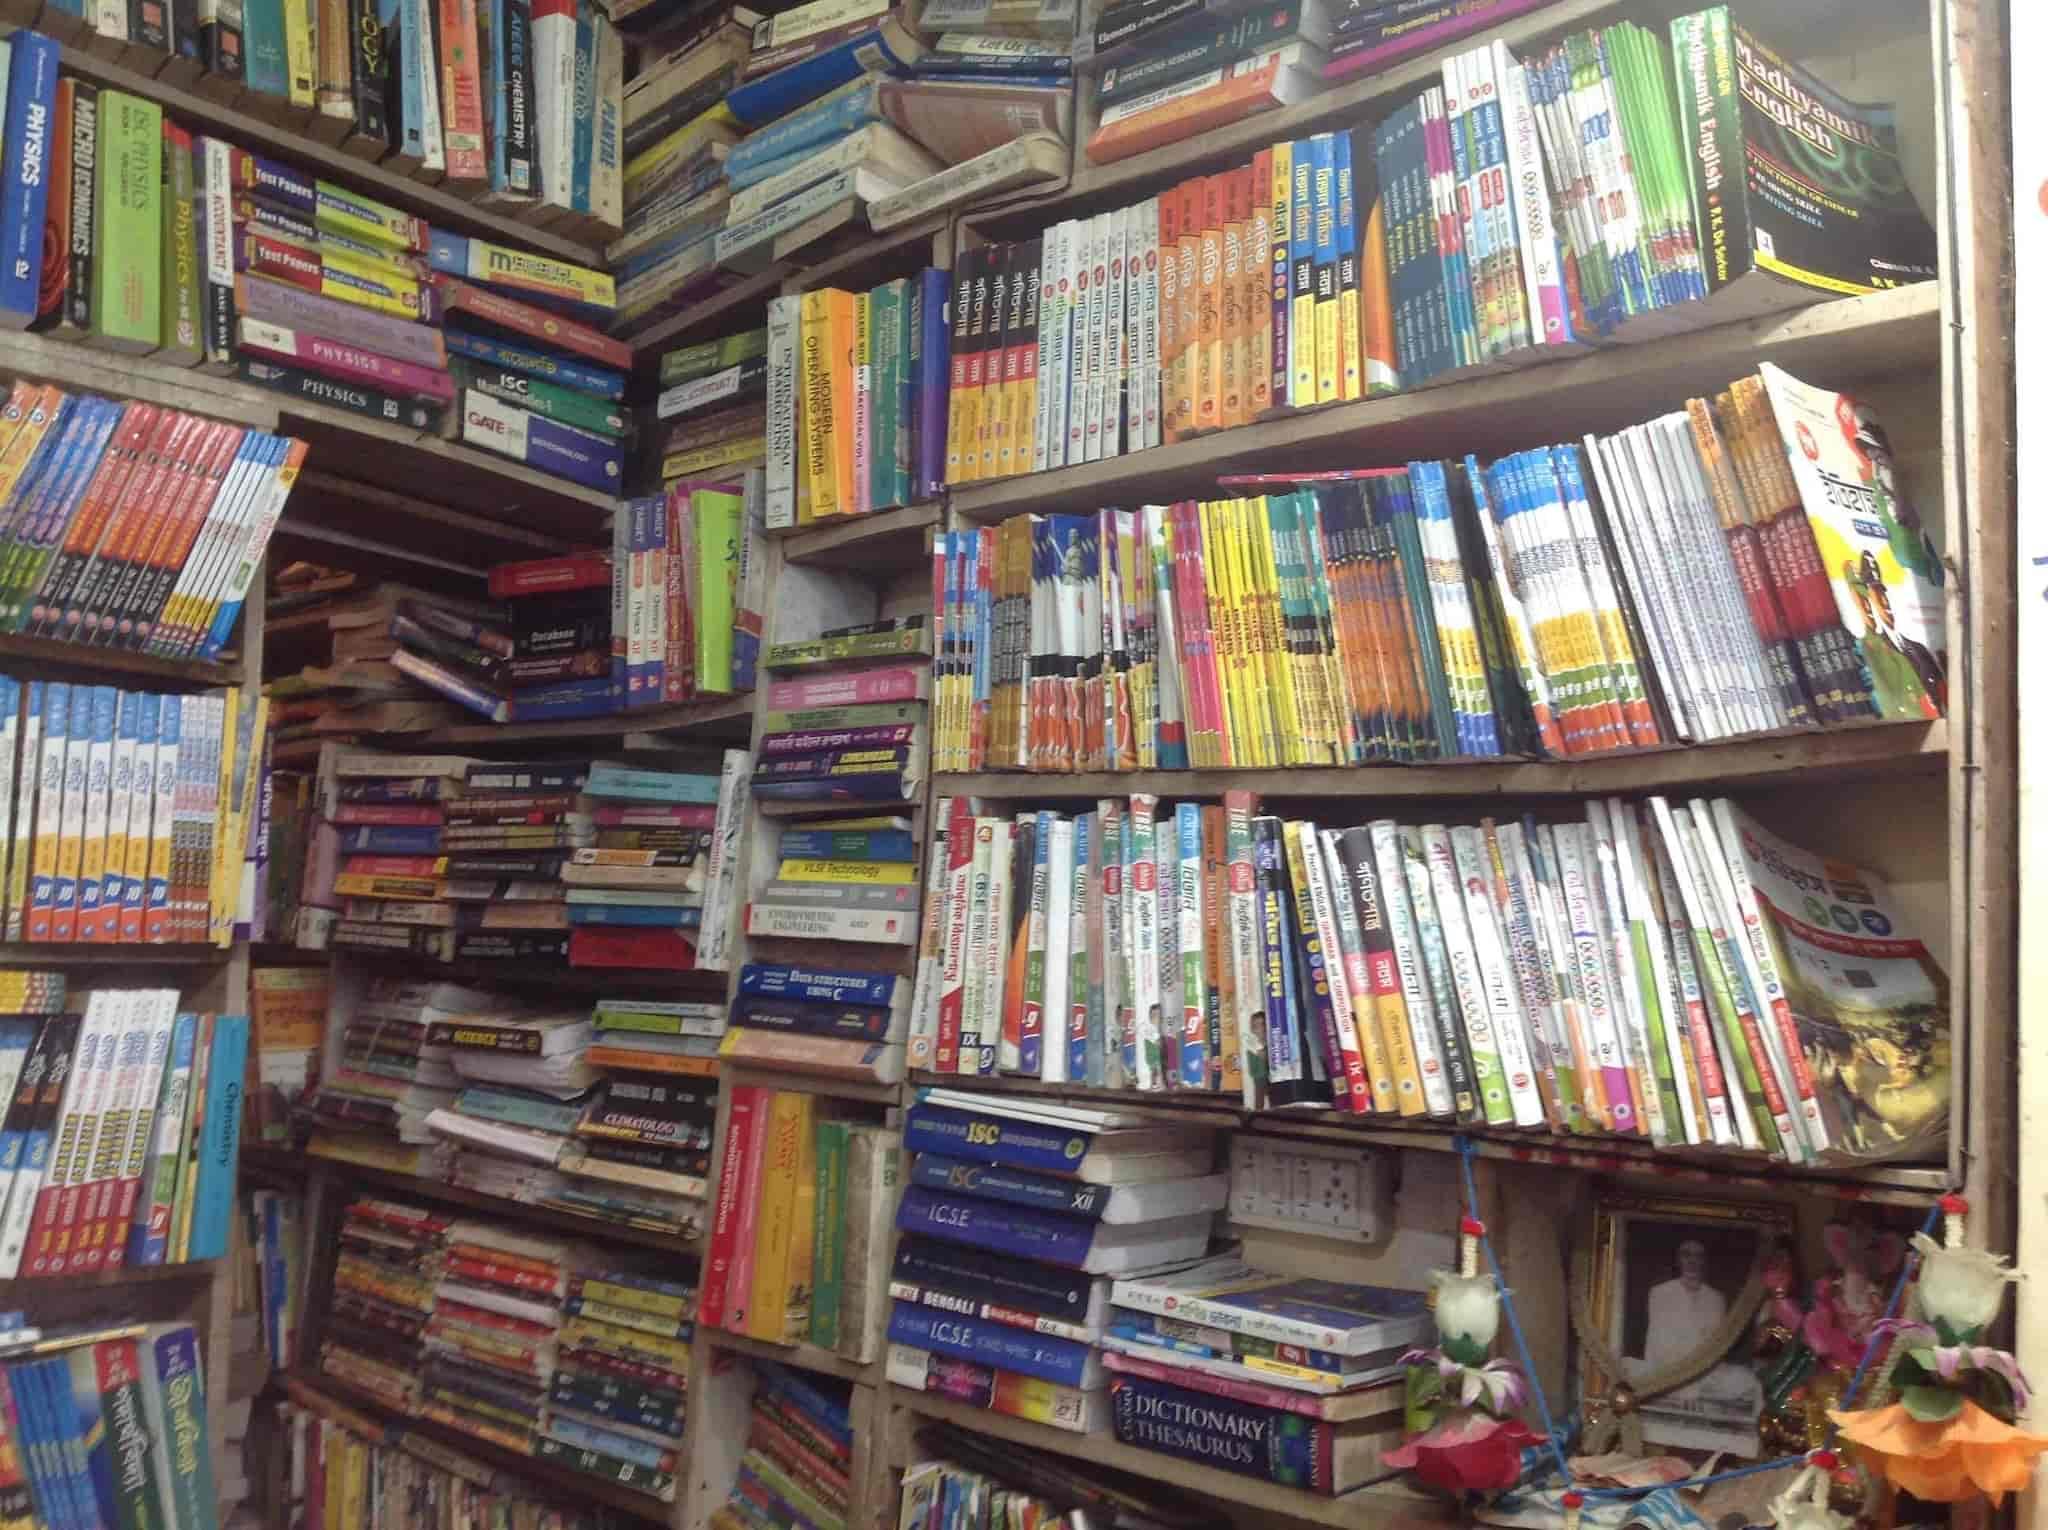 Saha Book Depot Photos, Agartala Bazar, Agartala- Pictures